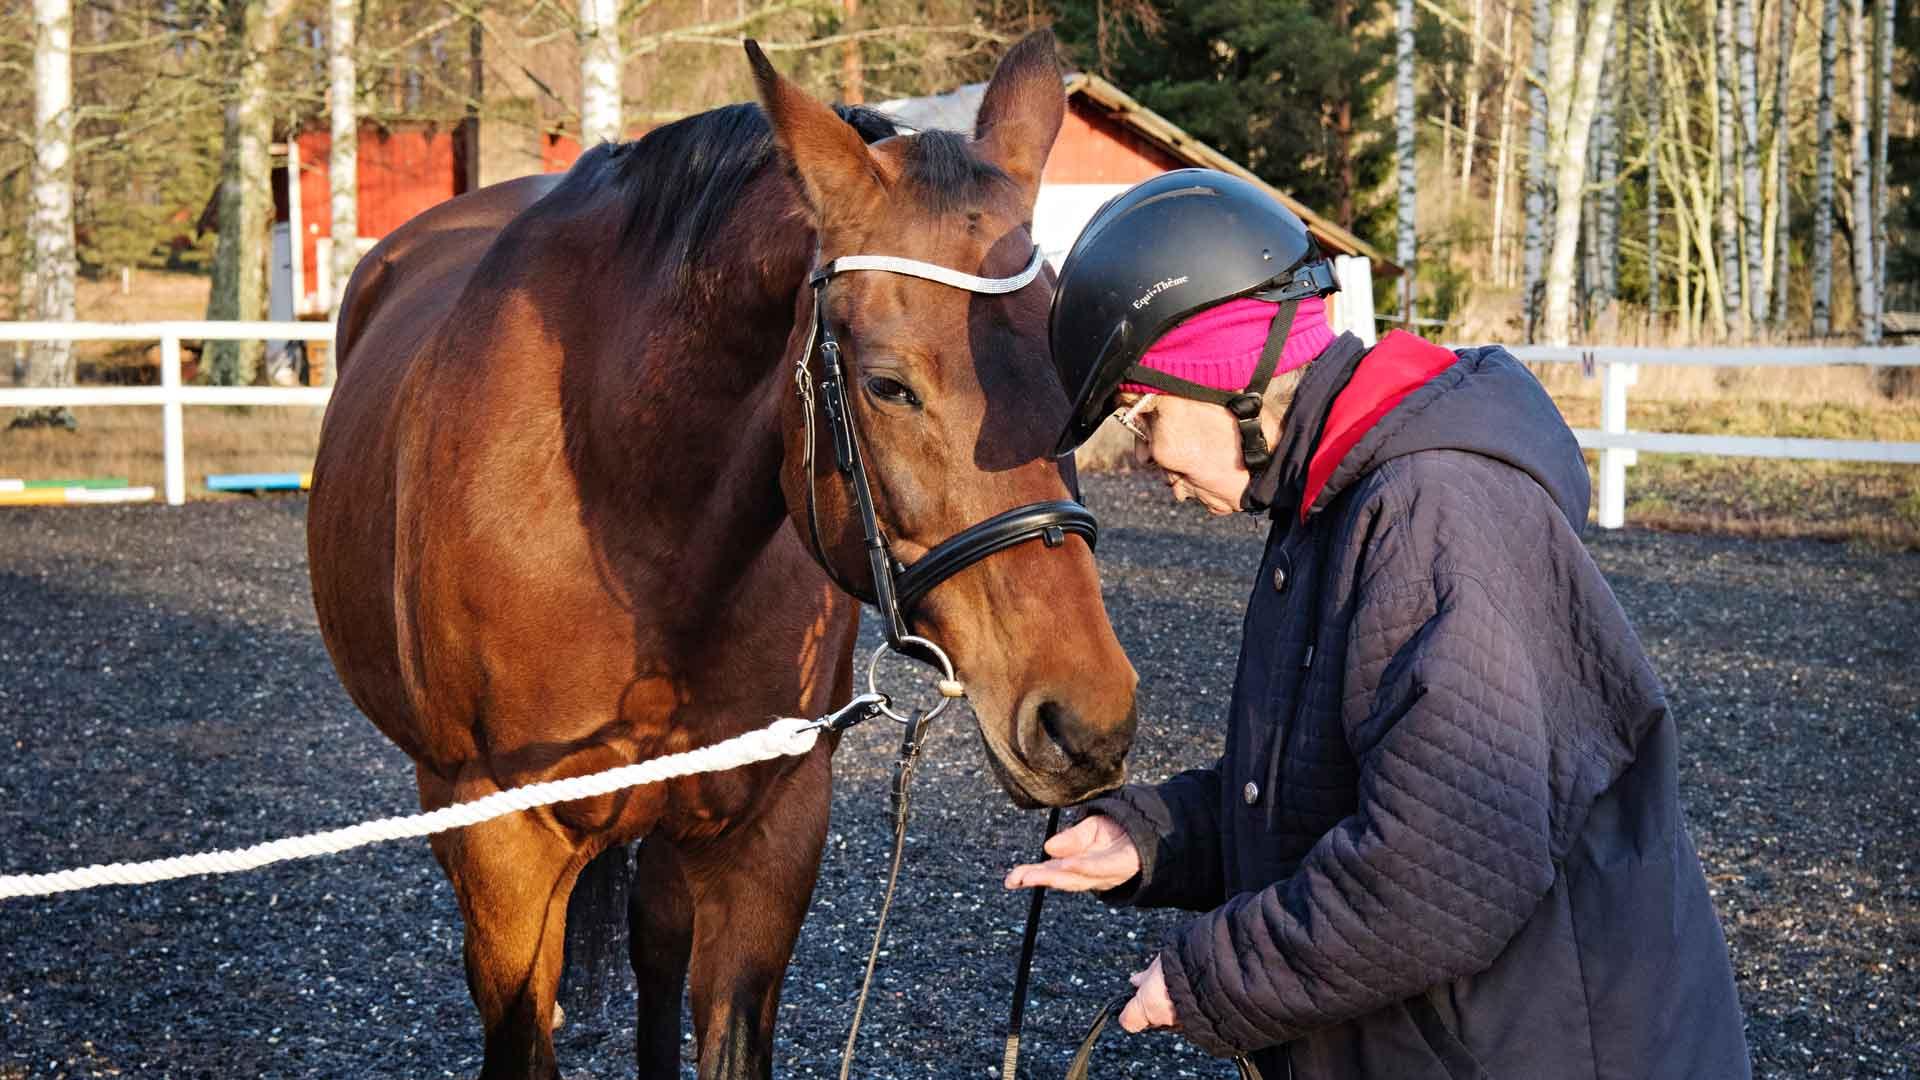 Irmeli ojentaa porkkananpaloja kohteliaasti huulillaan hampsivalle Mausielle palan toisensa perään.